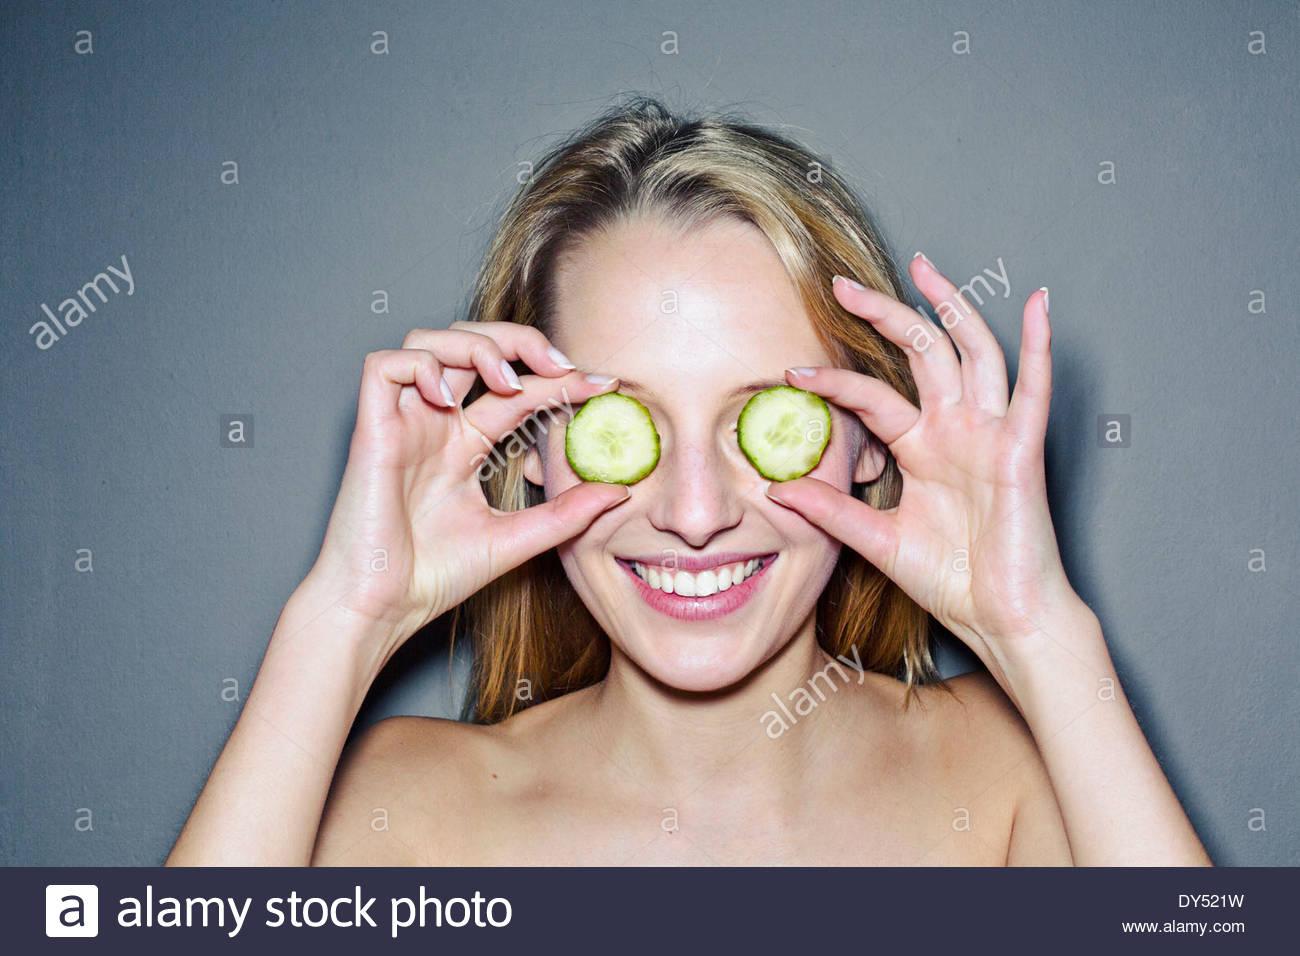 Junge Frau mit Gurkenscheiben Augen bedecken Stockbild